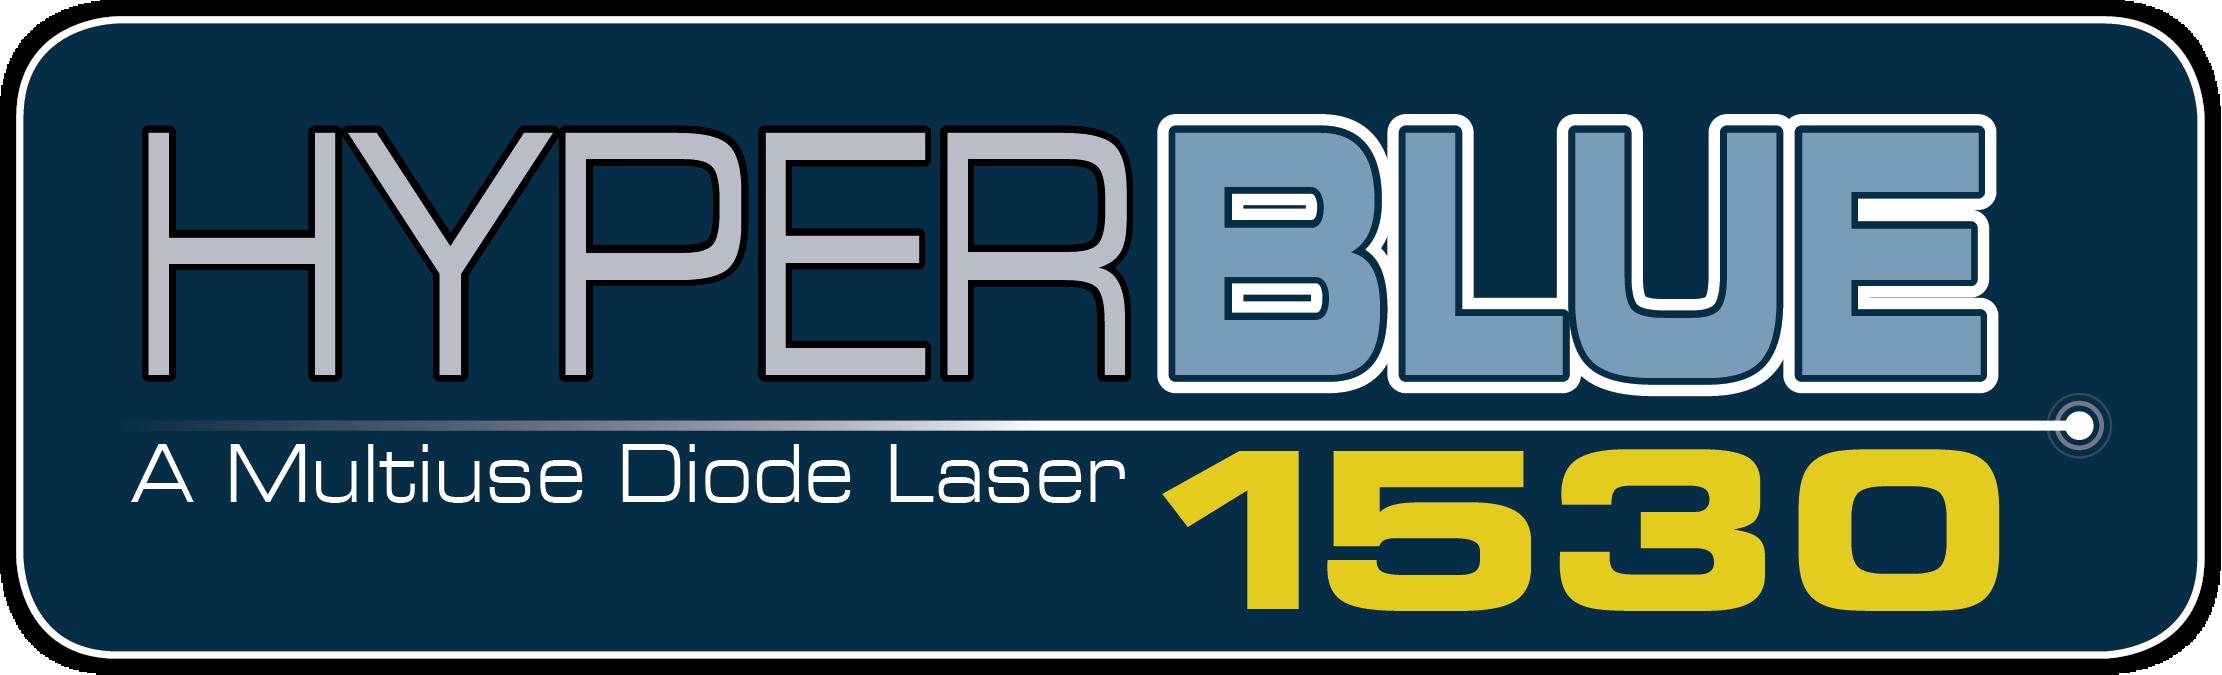 HyperBlue 1530